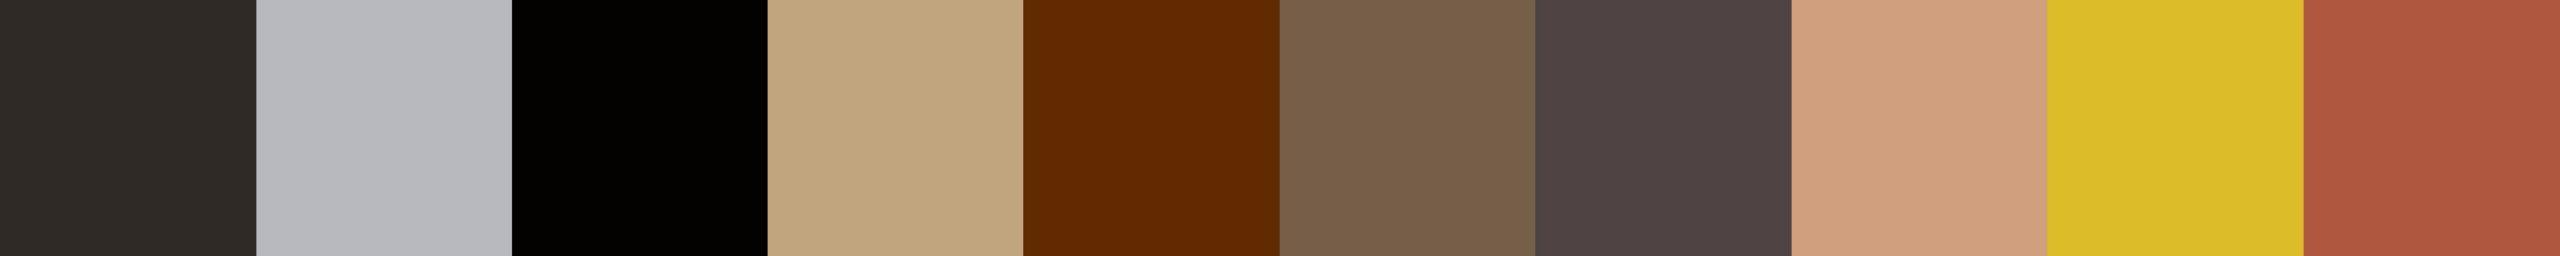 191 Cubera Color Palette